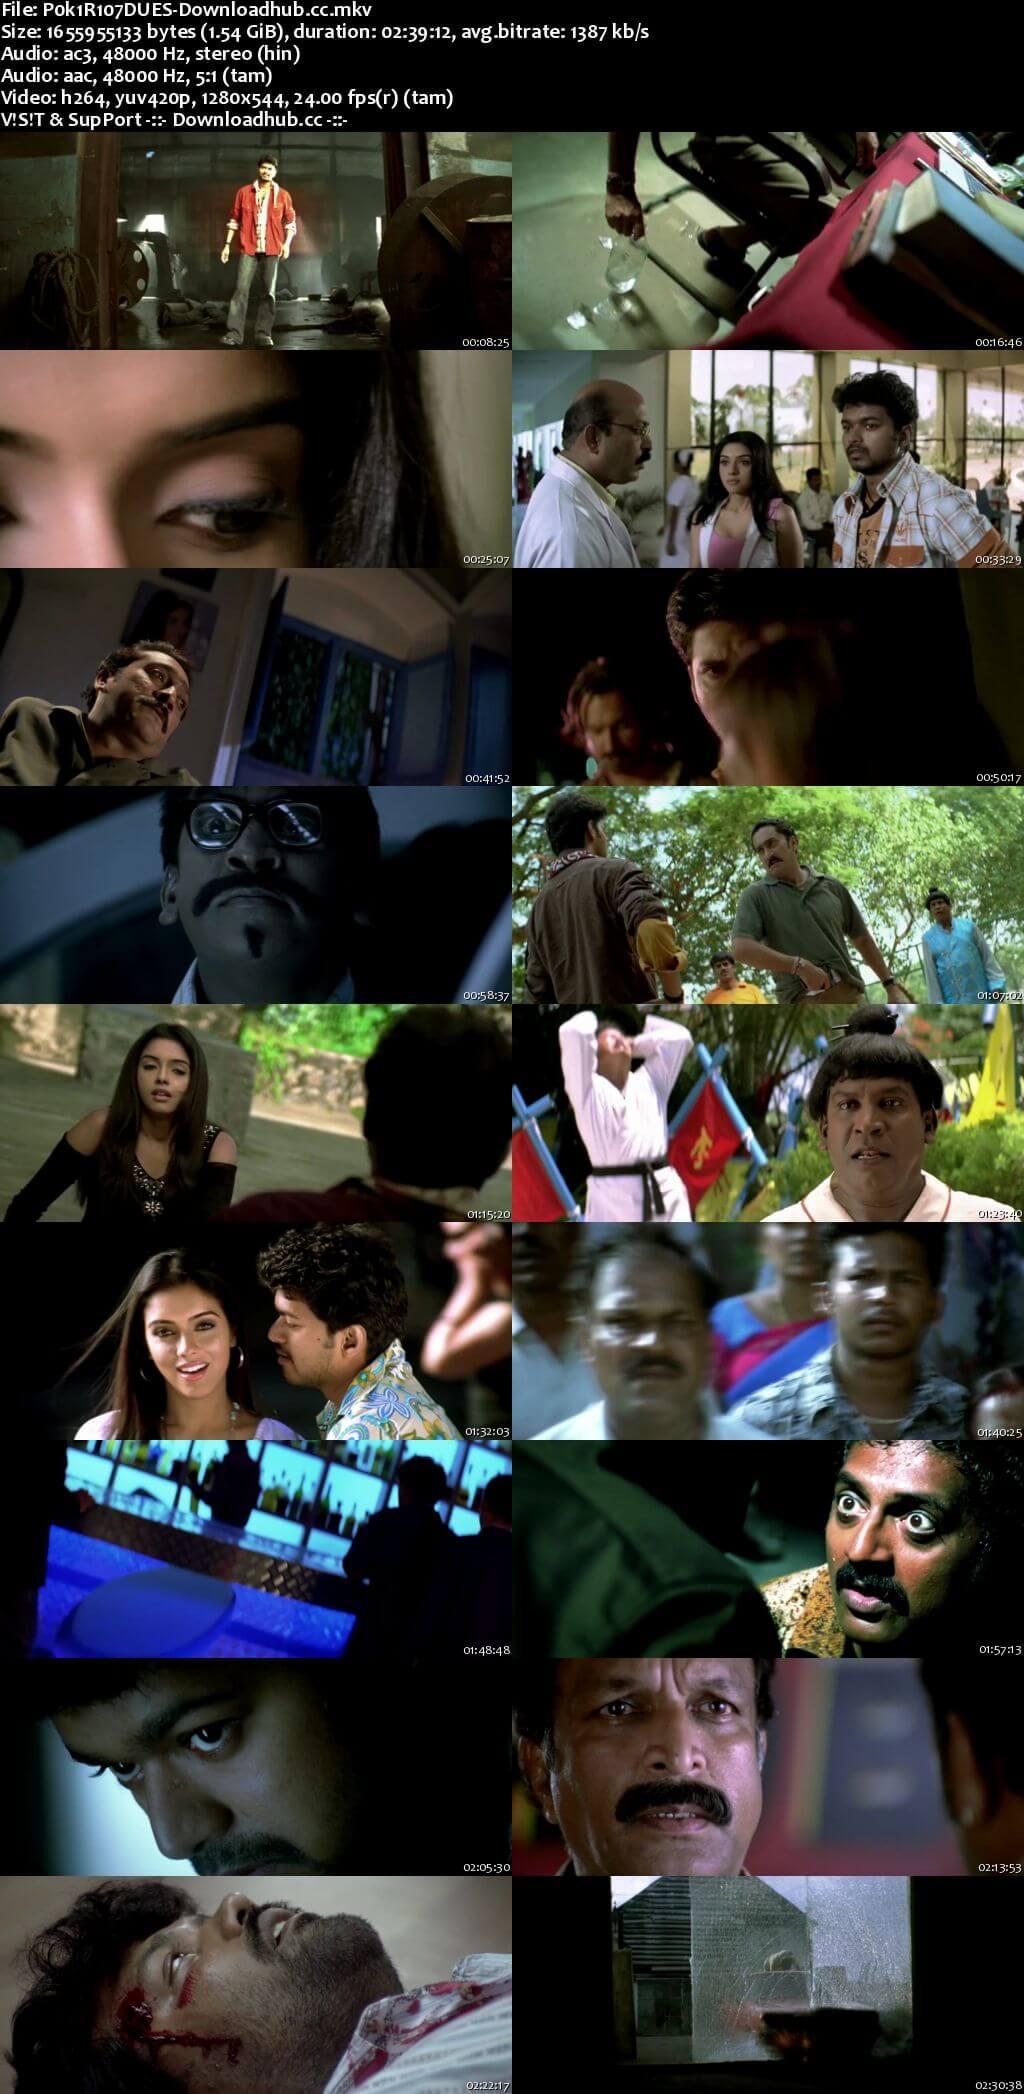 Pokkiri 2007 Dual Audio 720p UNCUT HDRip [Hindi - Tamil] ESubs